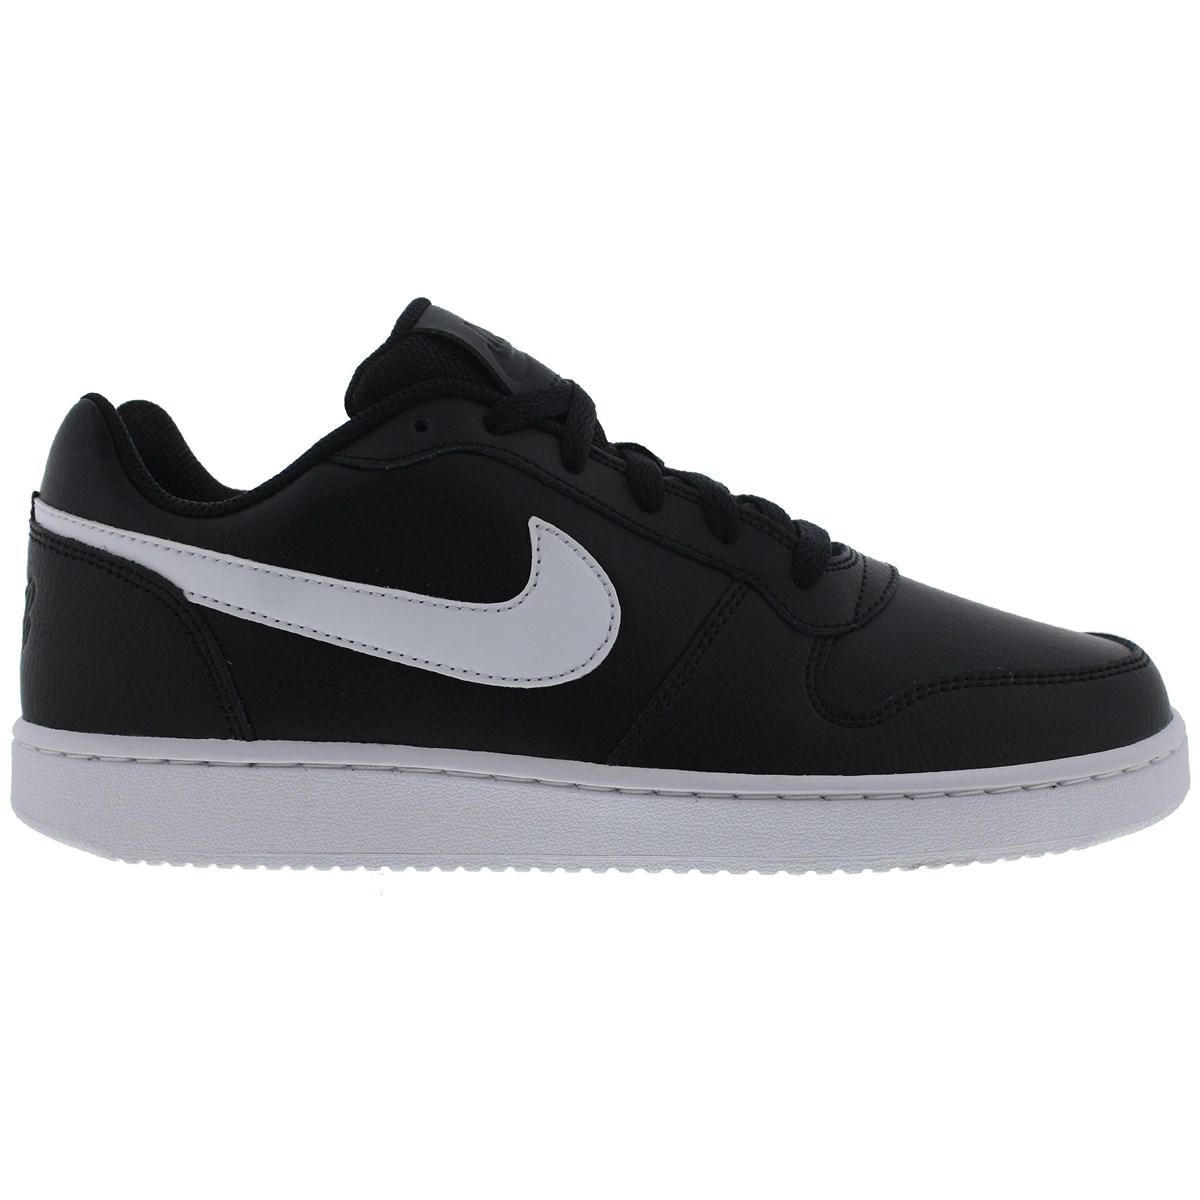 Ebernon Low Siyah Erkek Sneaker (AQ1775-002)